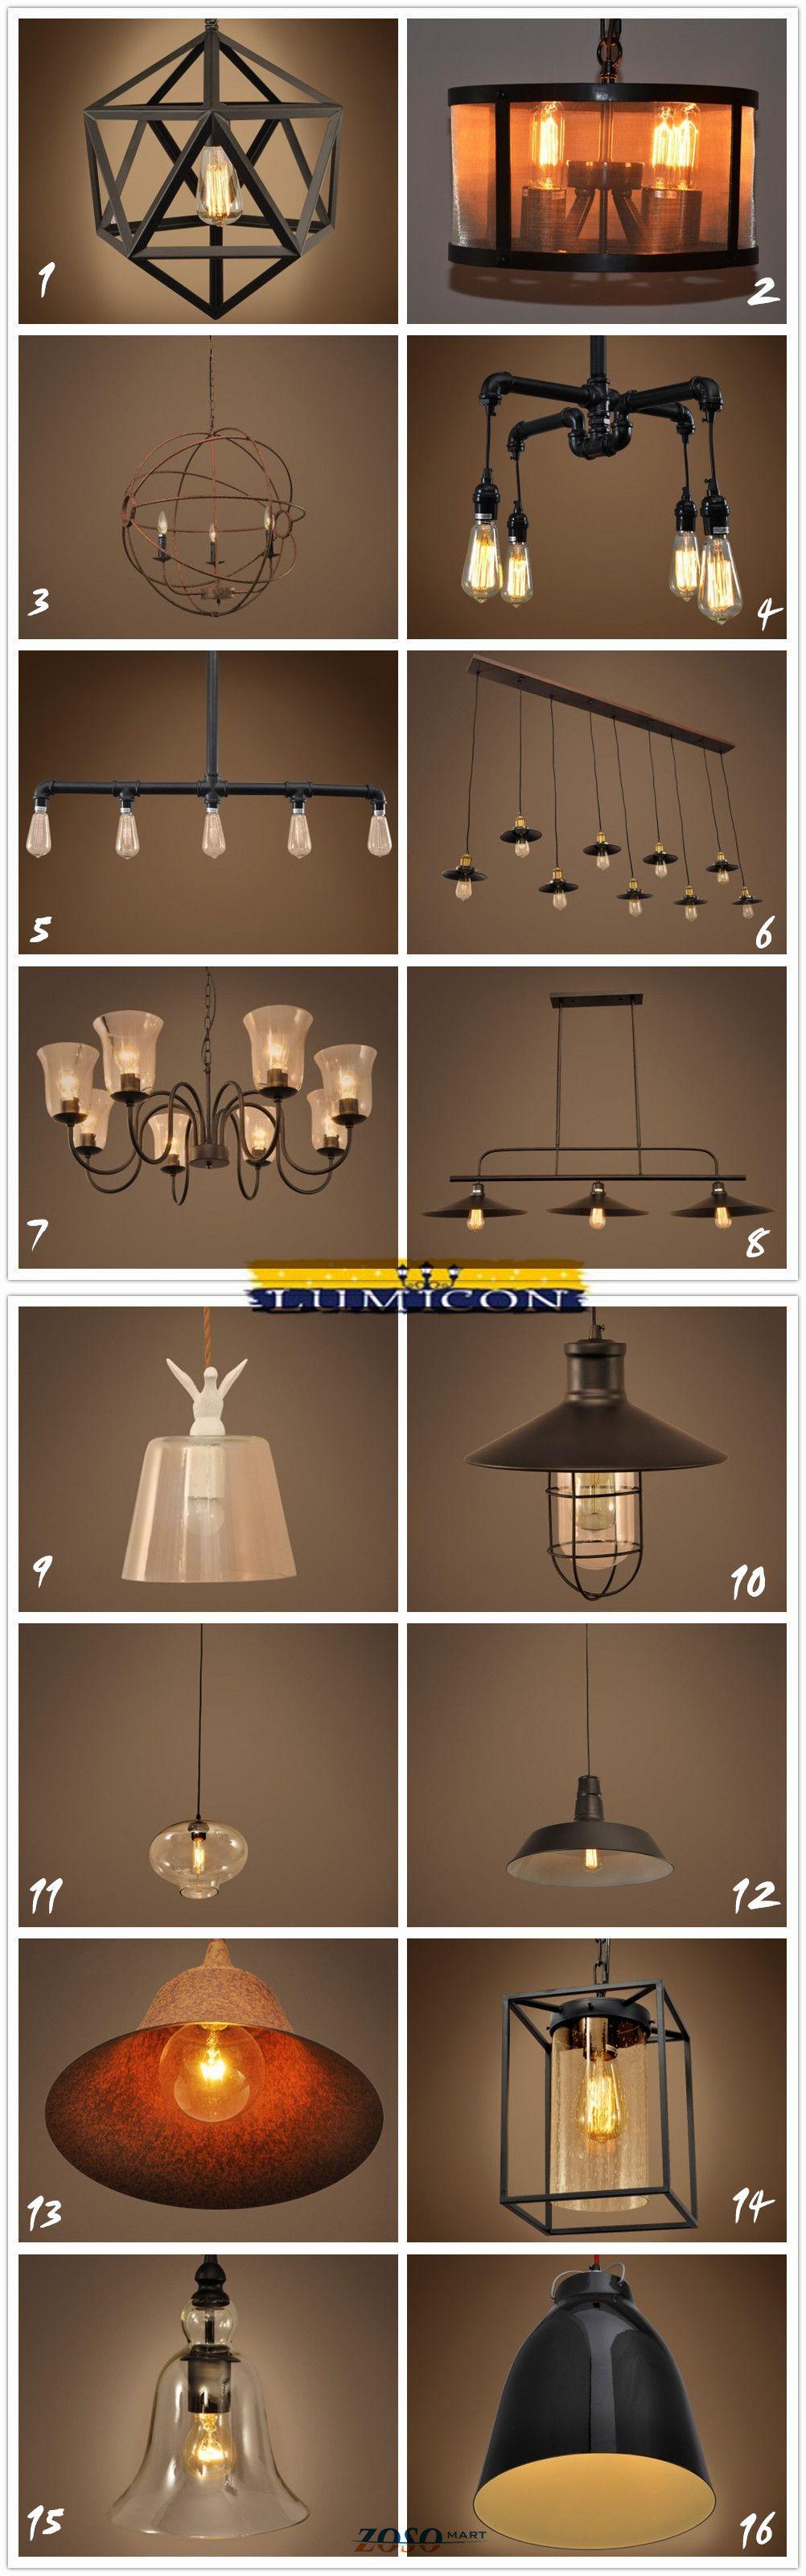 popular lighting fixtures. wonderful fixtures 16 most popular lighting fixture which one is your favorate chandeliers  lamps for popular lighting fixtures c